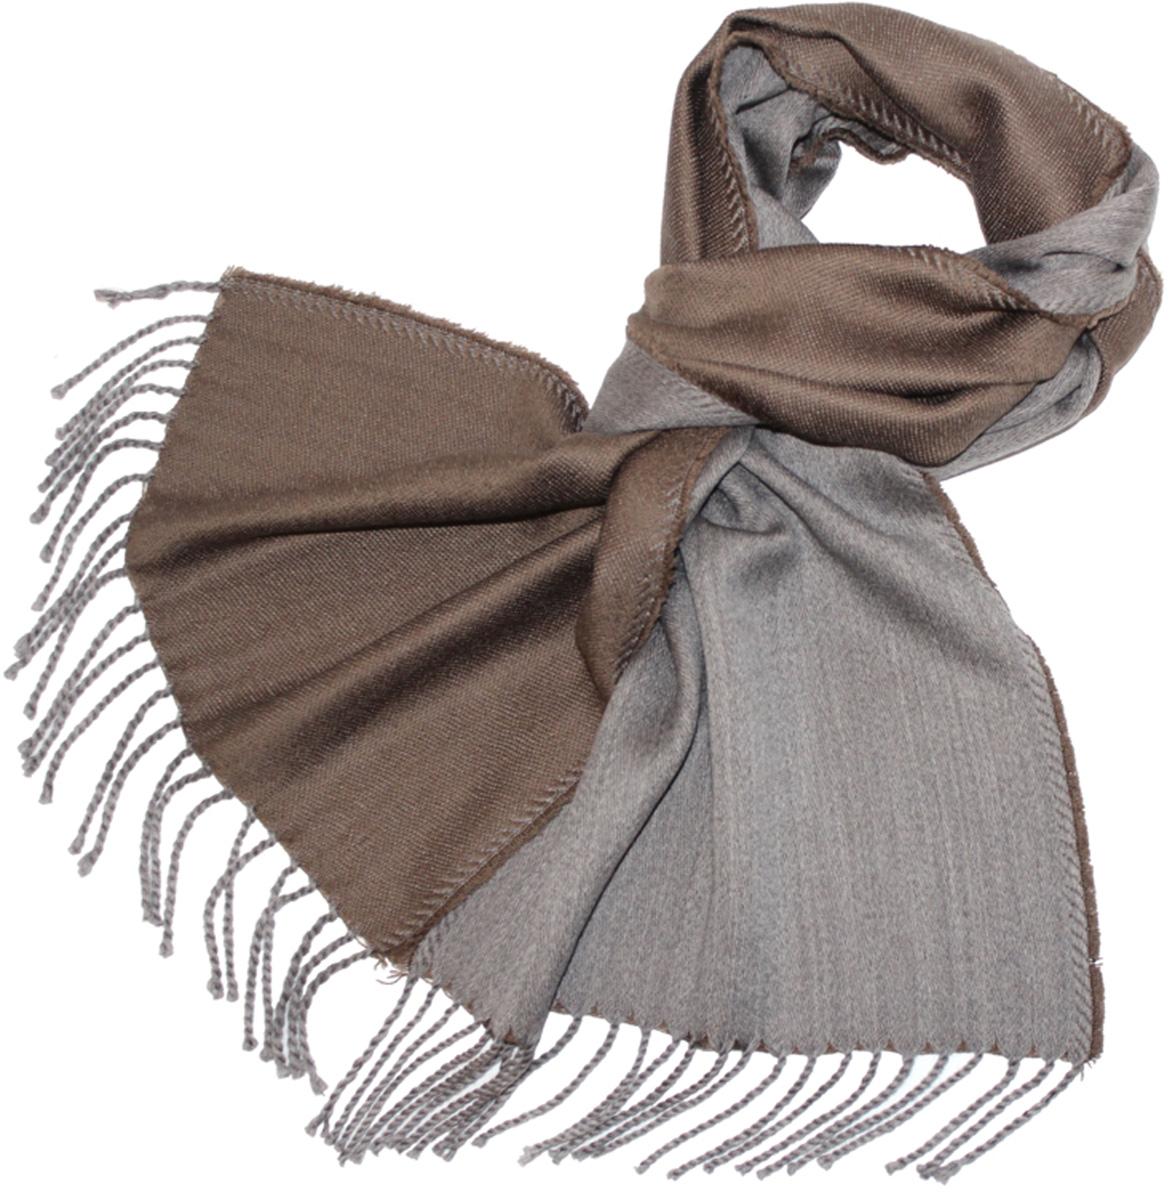 Шарф121480аМужской шарф Ethnica, изготовленный из 100% шерсти, подчеркнет вашу индивидуальность. Благодаря своему составу, он легкий, мягкий и приятный на ощупь. Изделие выполнено в лаконичном двухцветном дизайне и дополнено кисточками. Такой аксессуар станет стильным дополнением к вашему гардеробу.